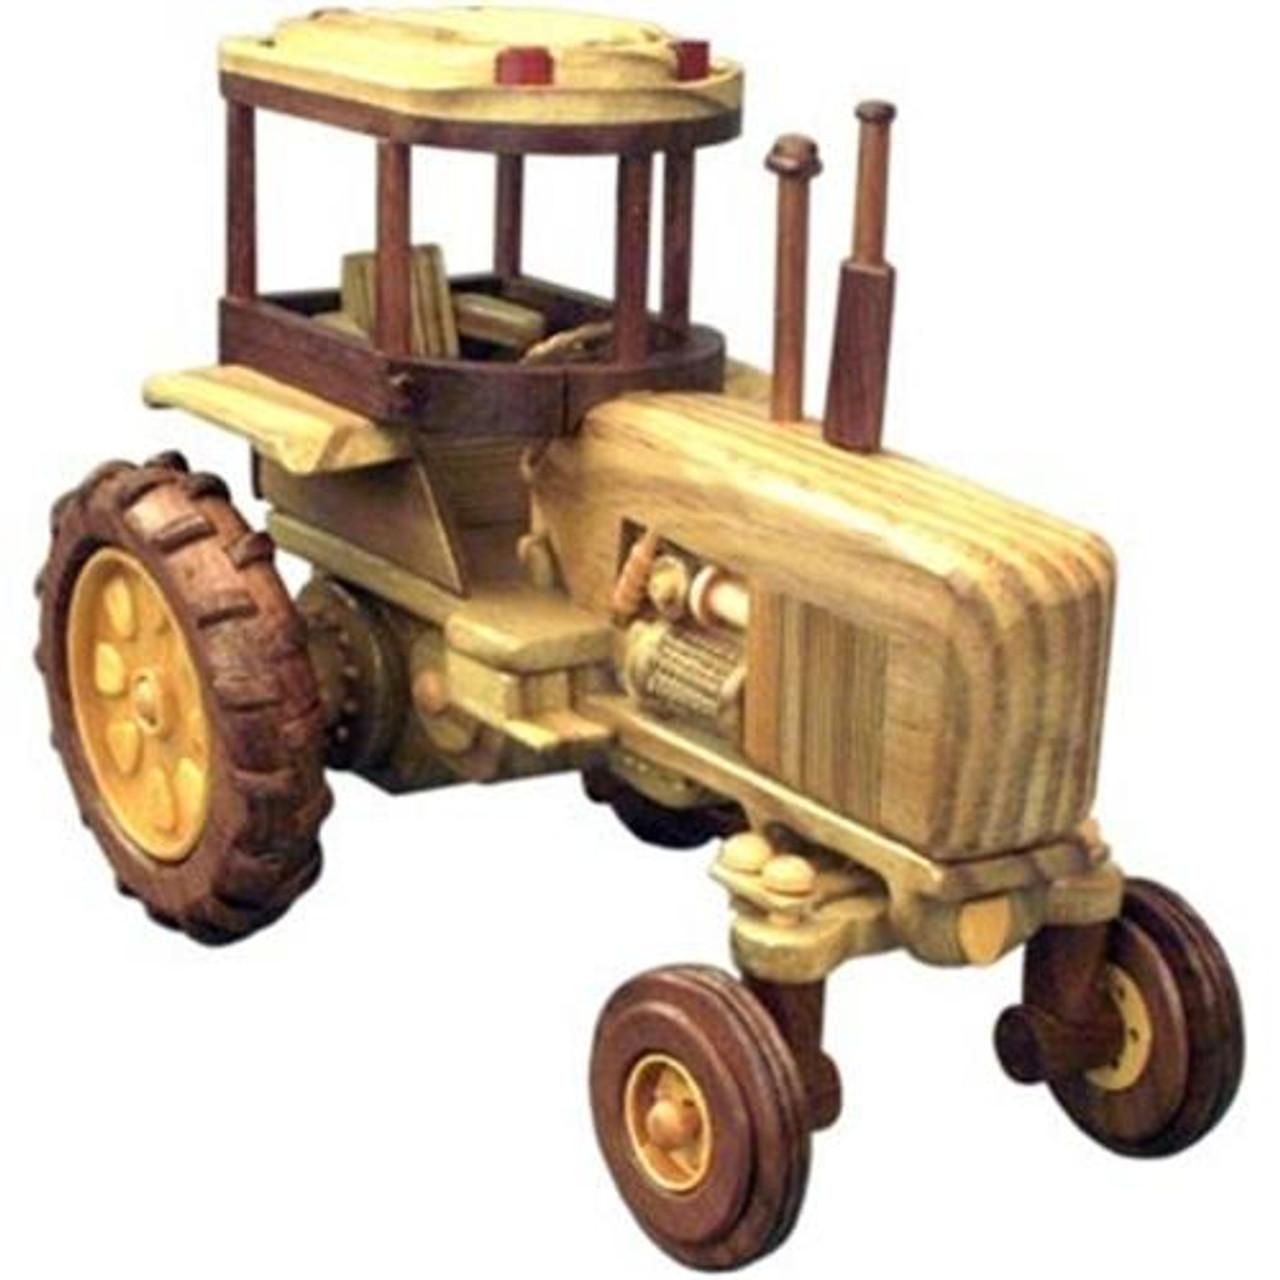 Cherry Tree Toys Farm Tractor Parts Kit